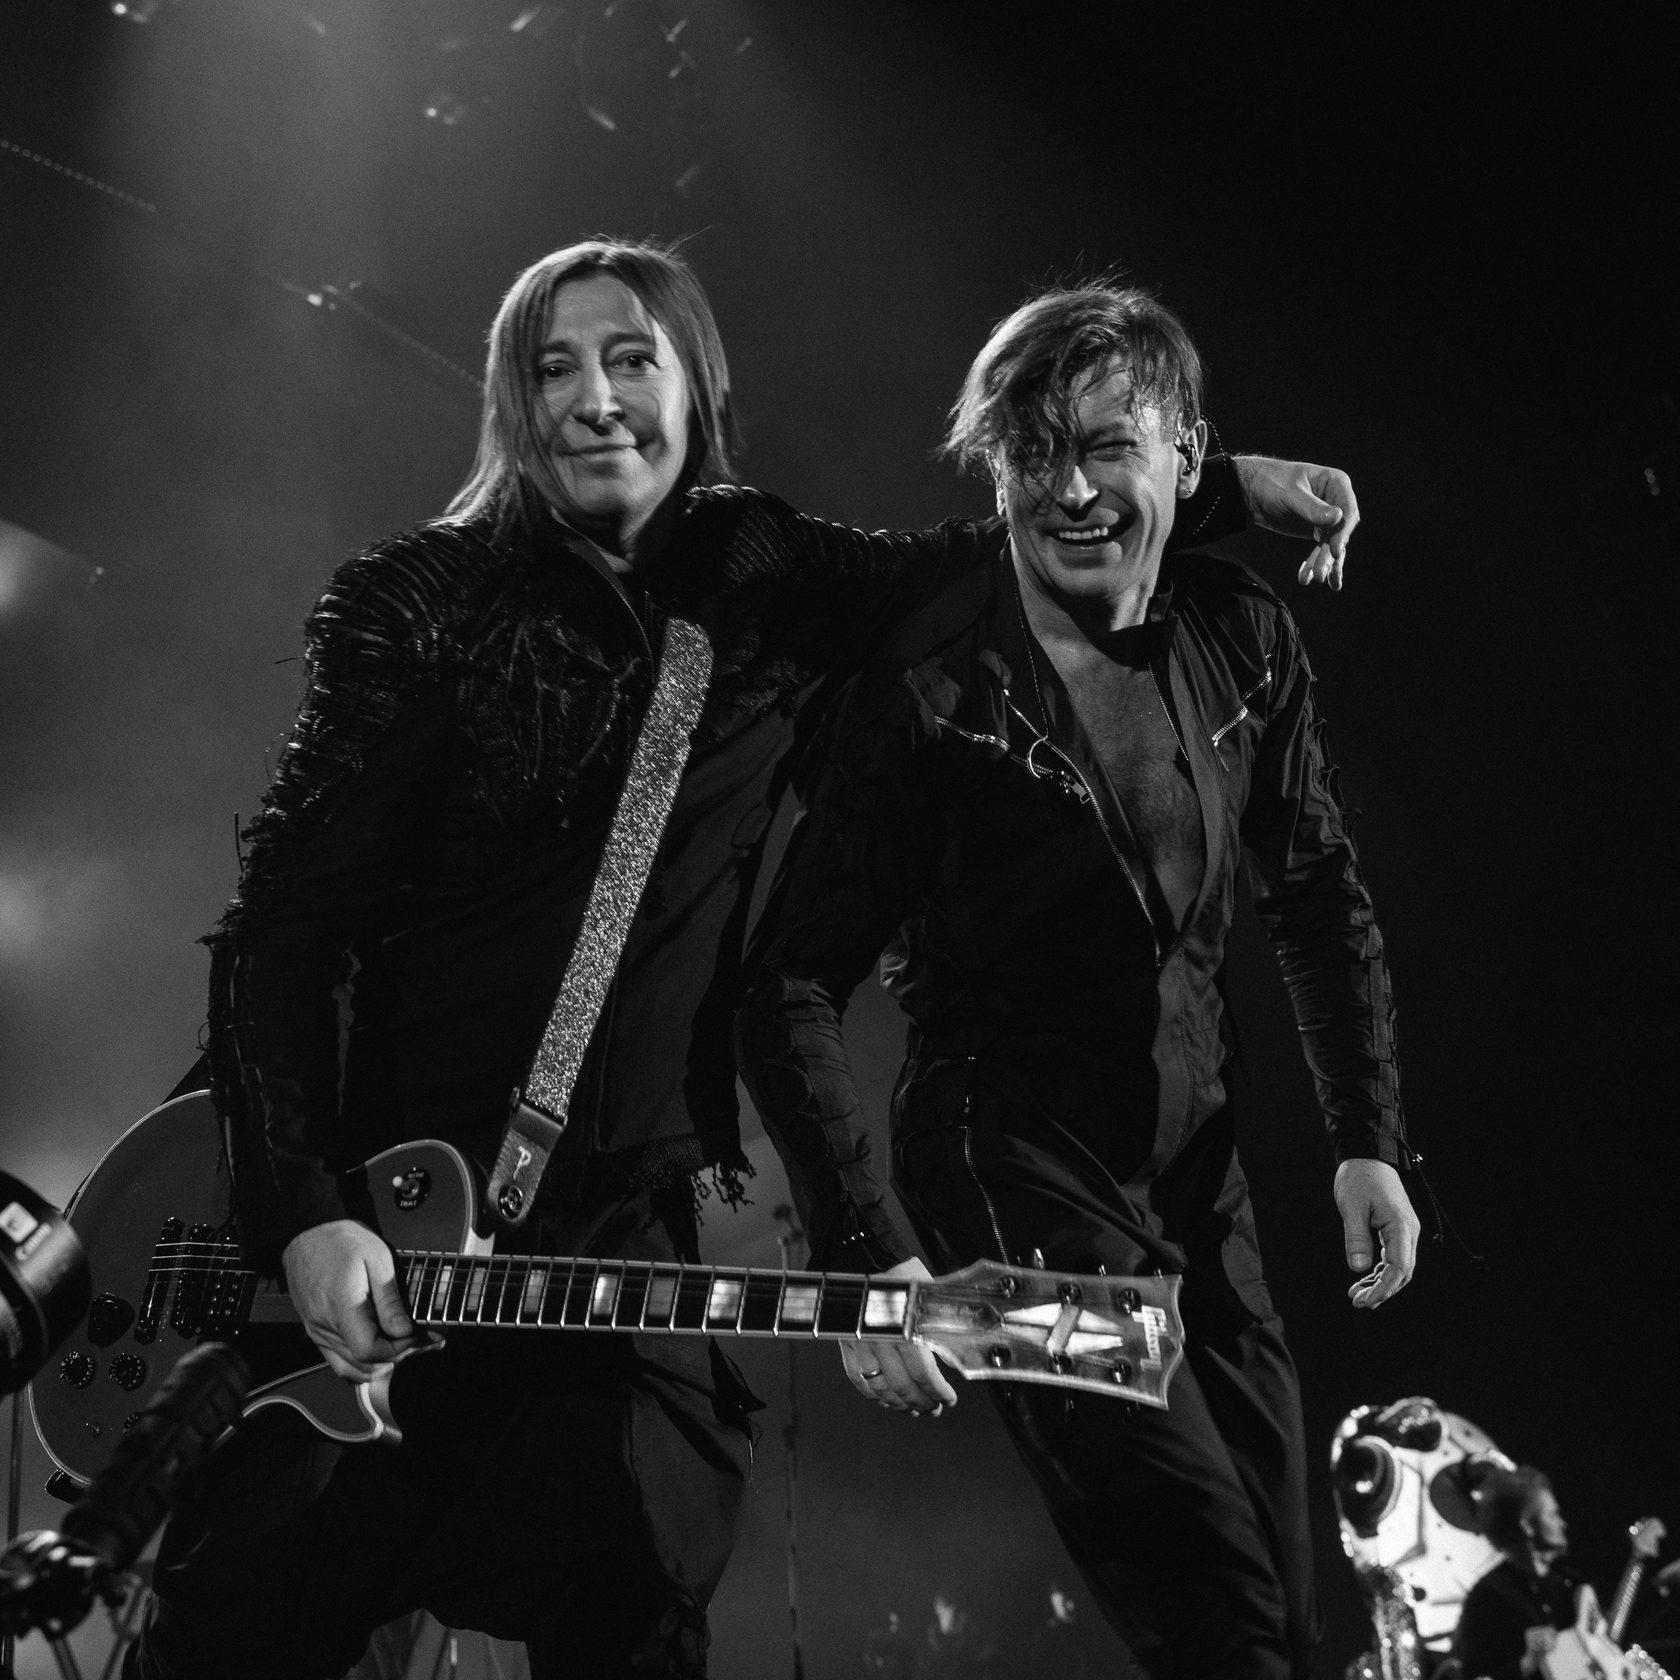 Би-2 перенесли стадионный концерт на следующий год